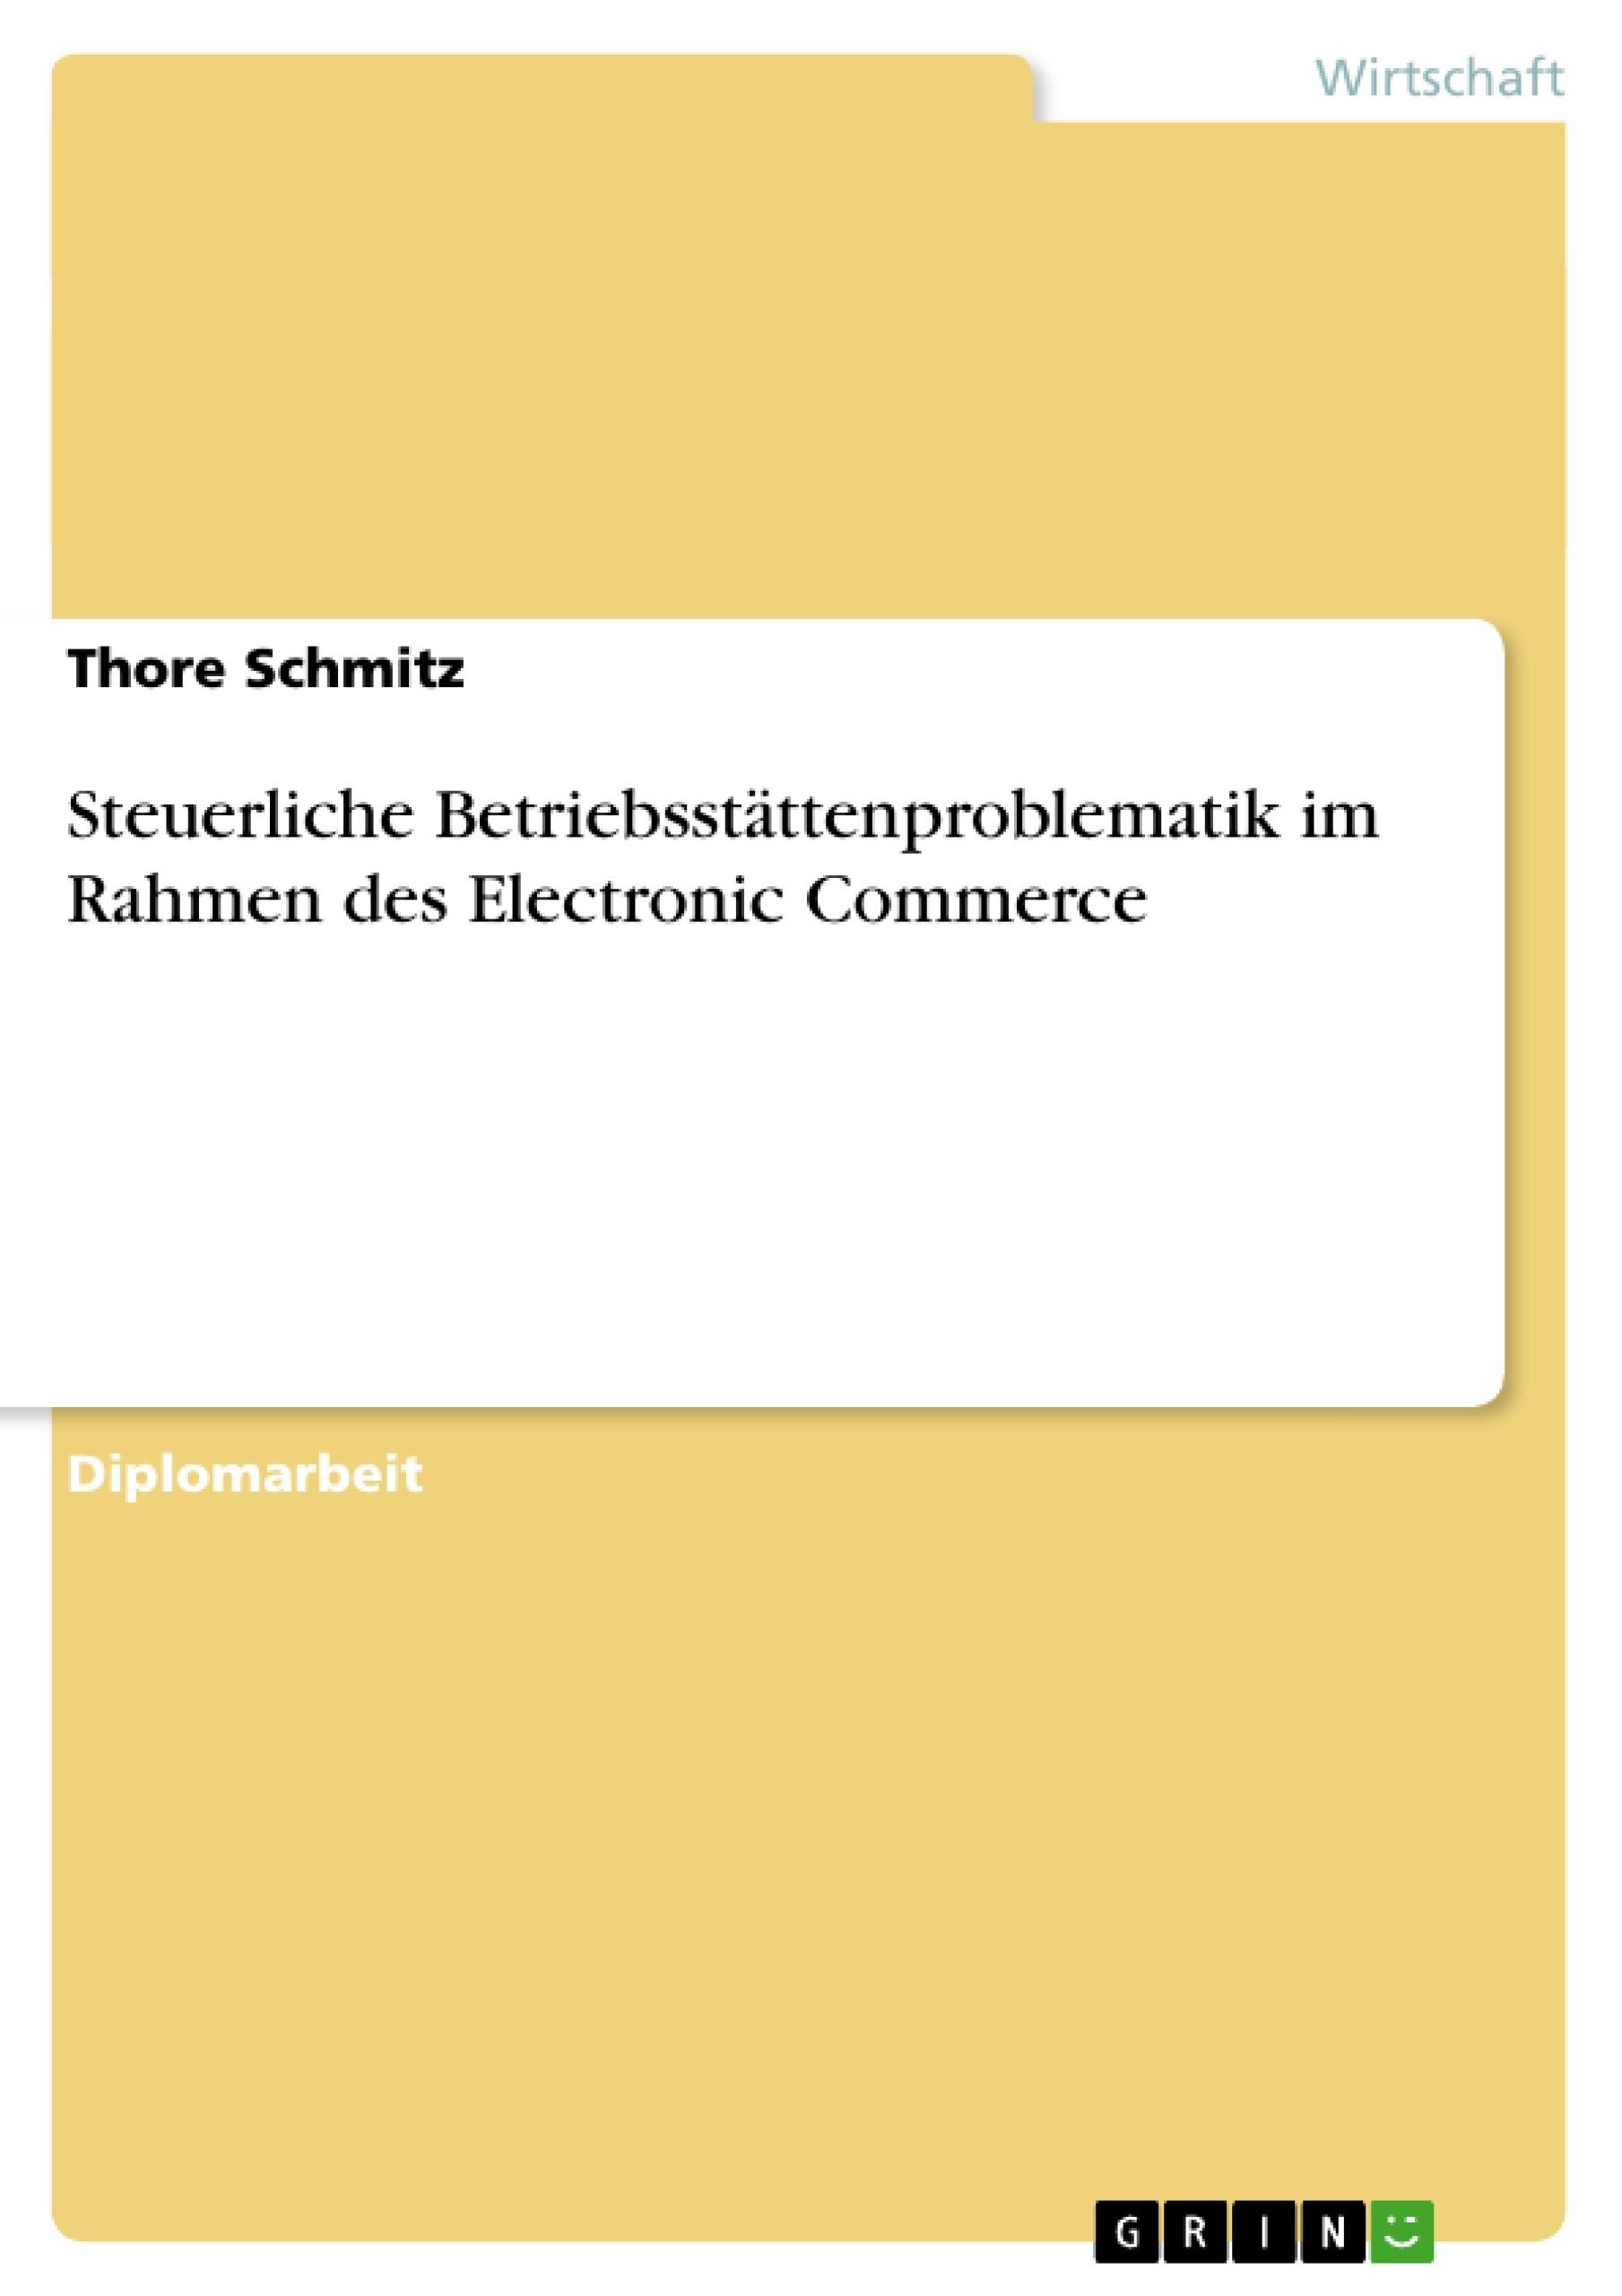 Titel: Steuerliche Betriebsstättenproblematik im Rahmen des Electronic Commerce